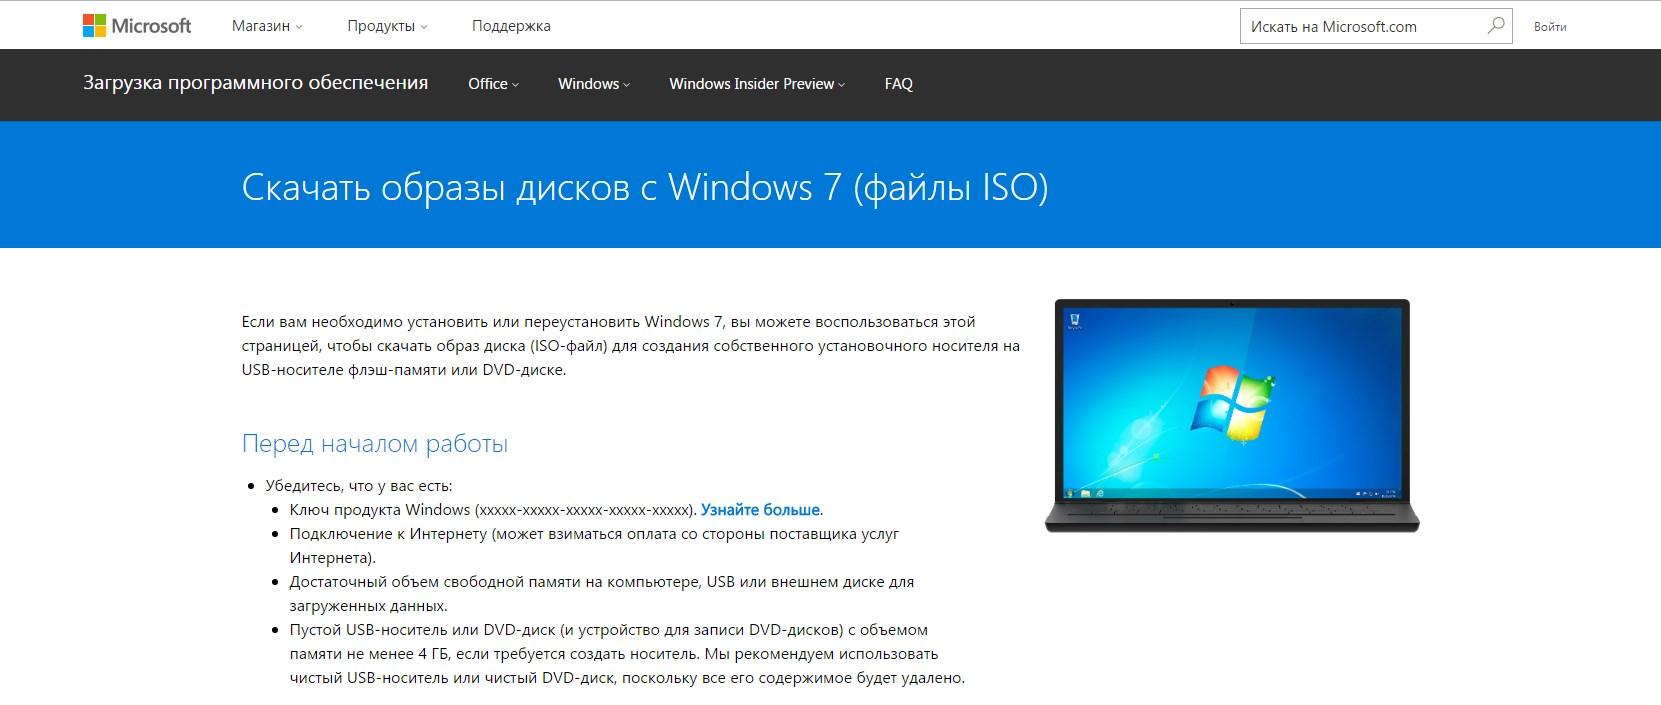 skachat-windows-7-besplatno-photo-3